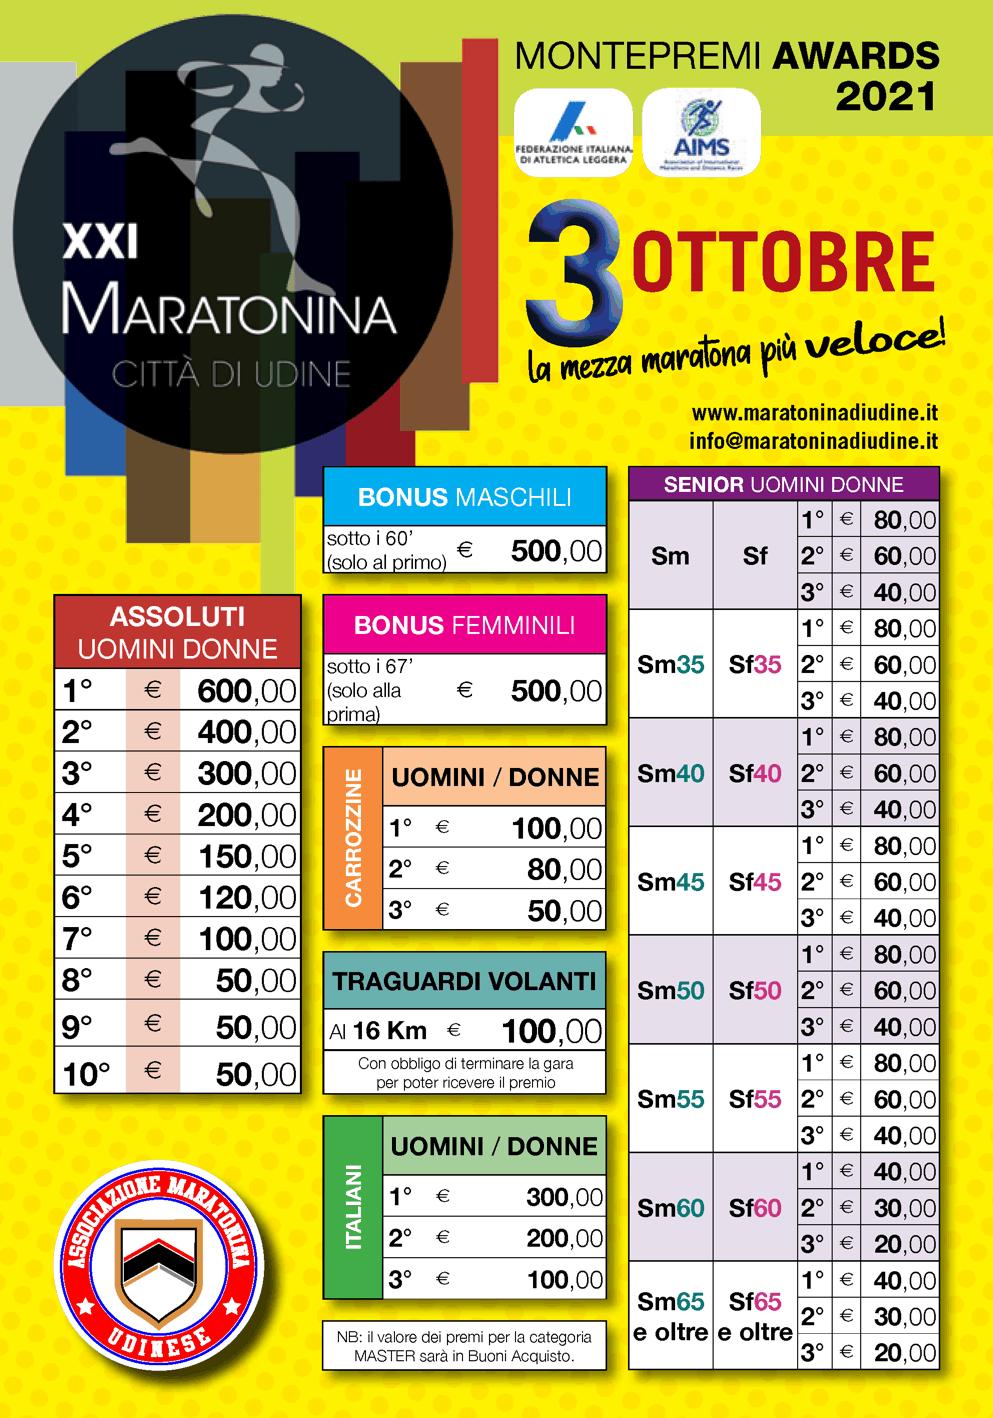 Montepremi Maratonina Udine 2021